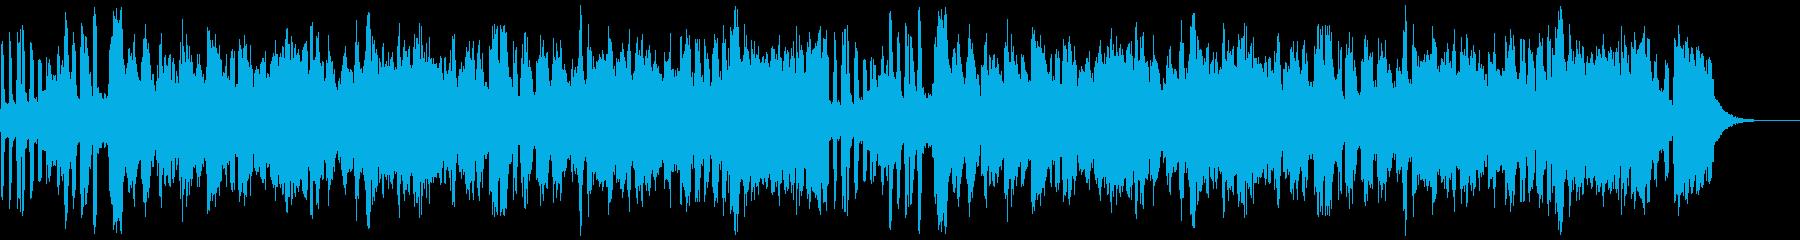 ジャズの再生済みの波形